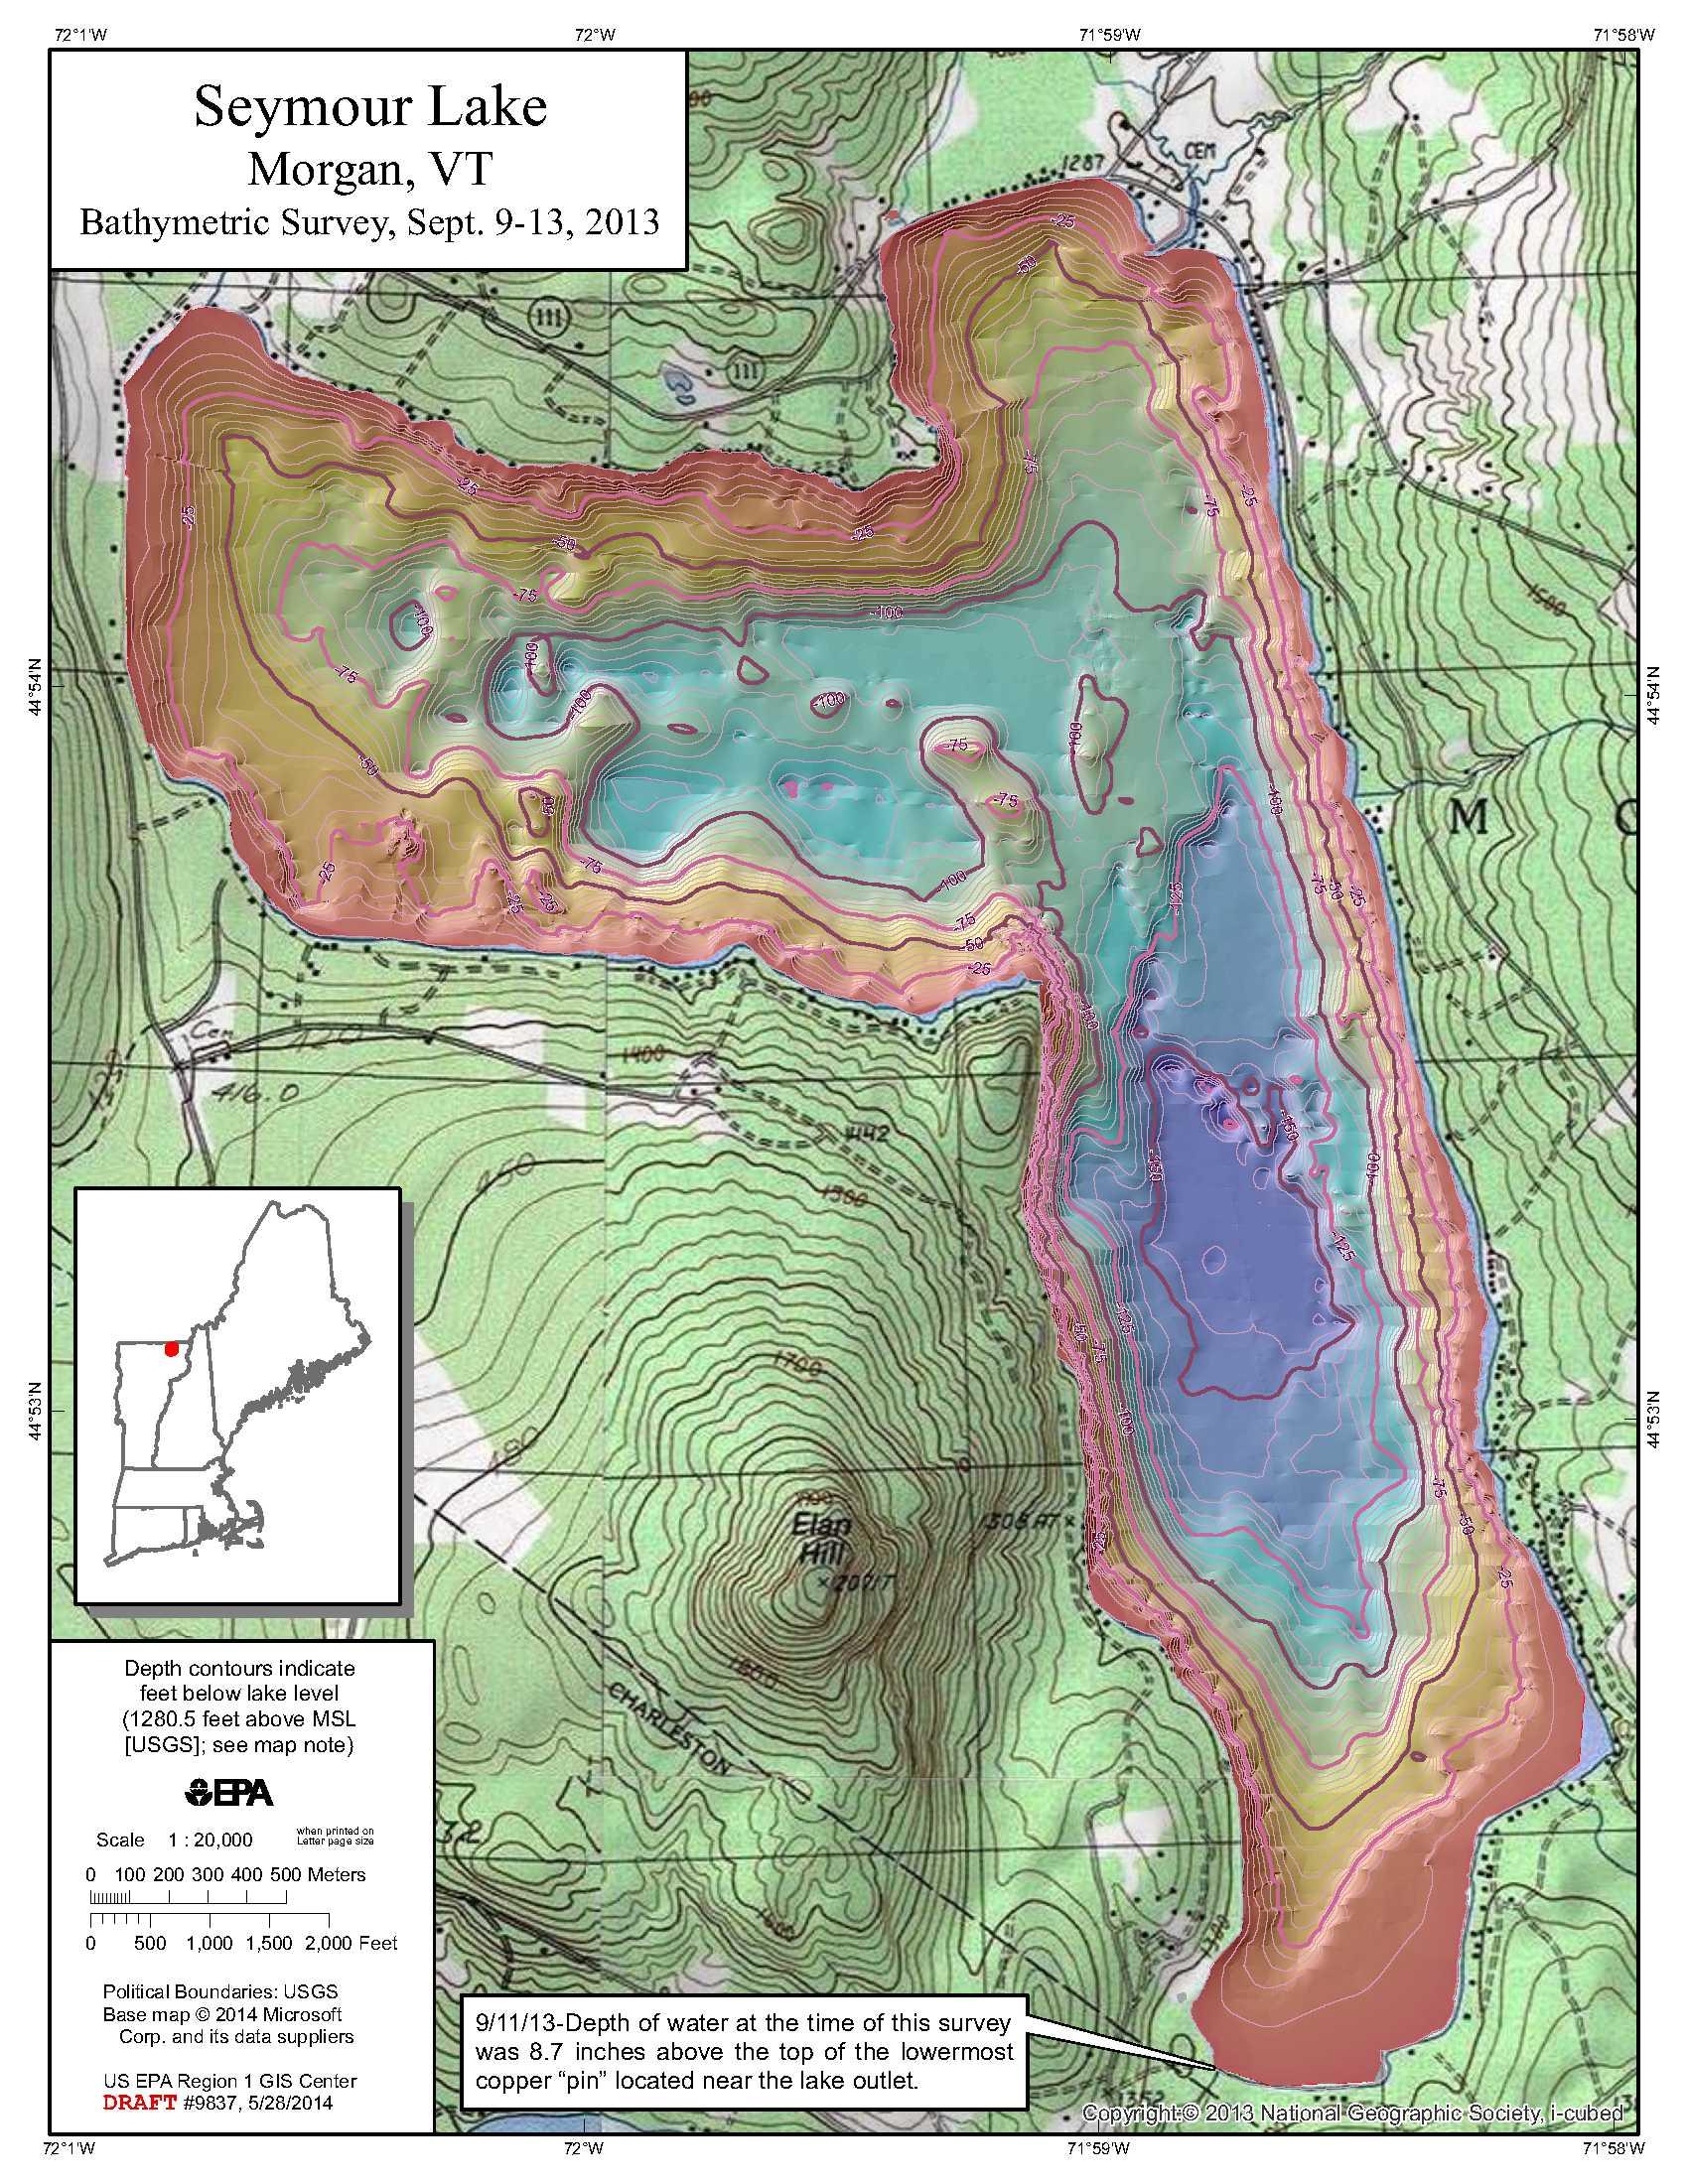 Seymour Lake Contours